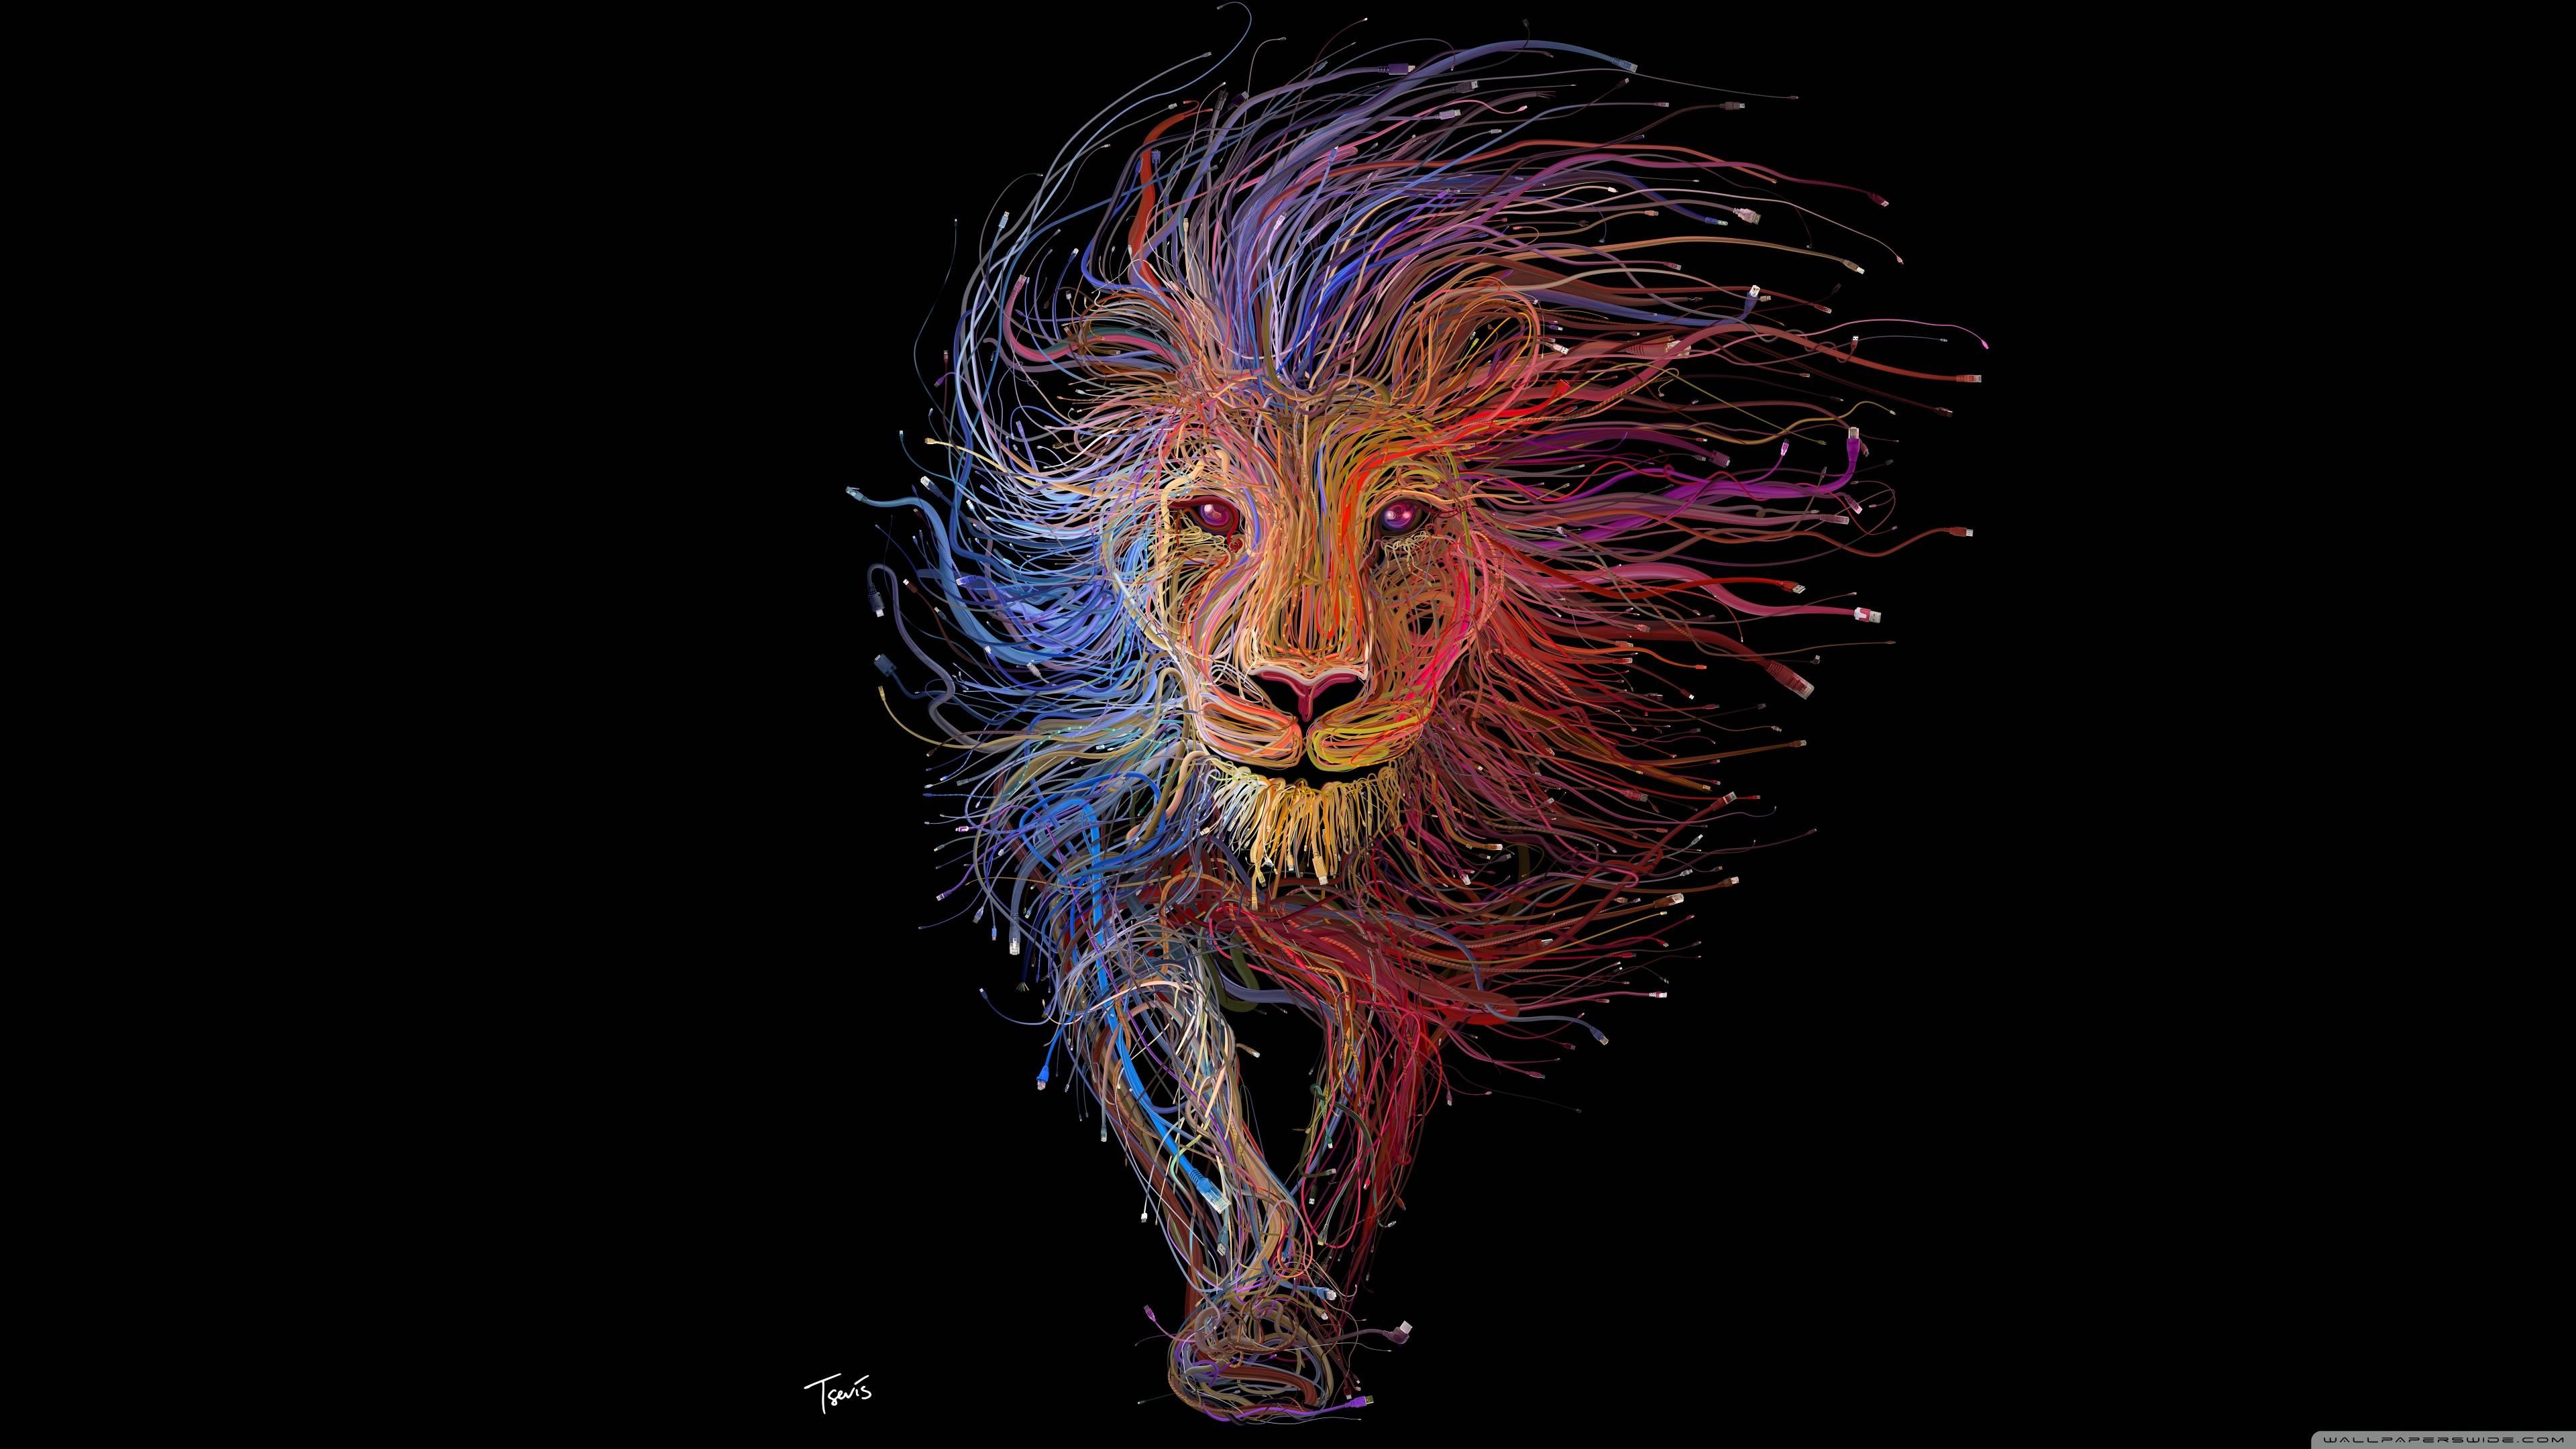 Lion Of Lyon 1920x1080 Download Hd Wallpaper Wallpapertip